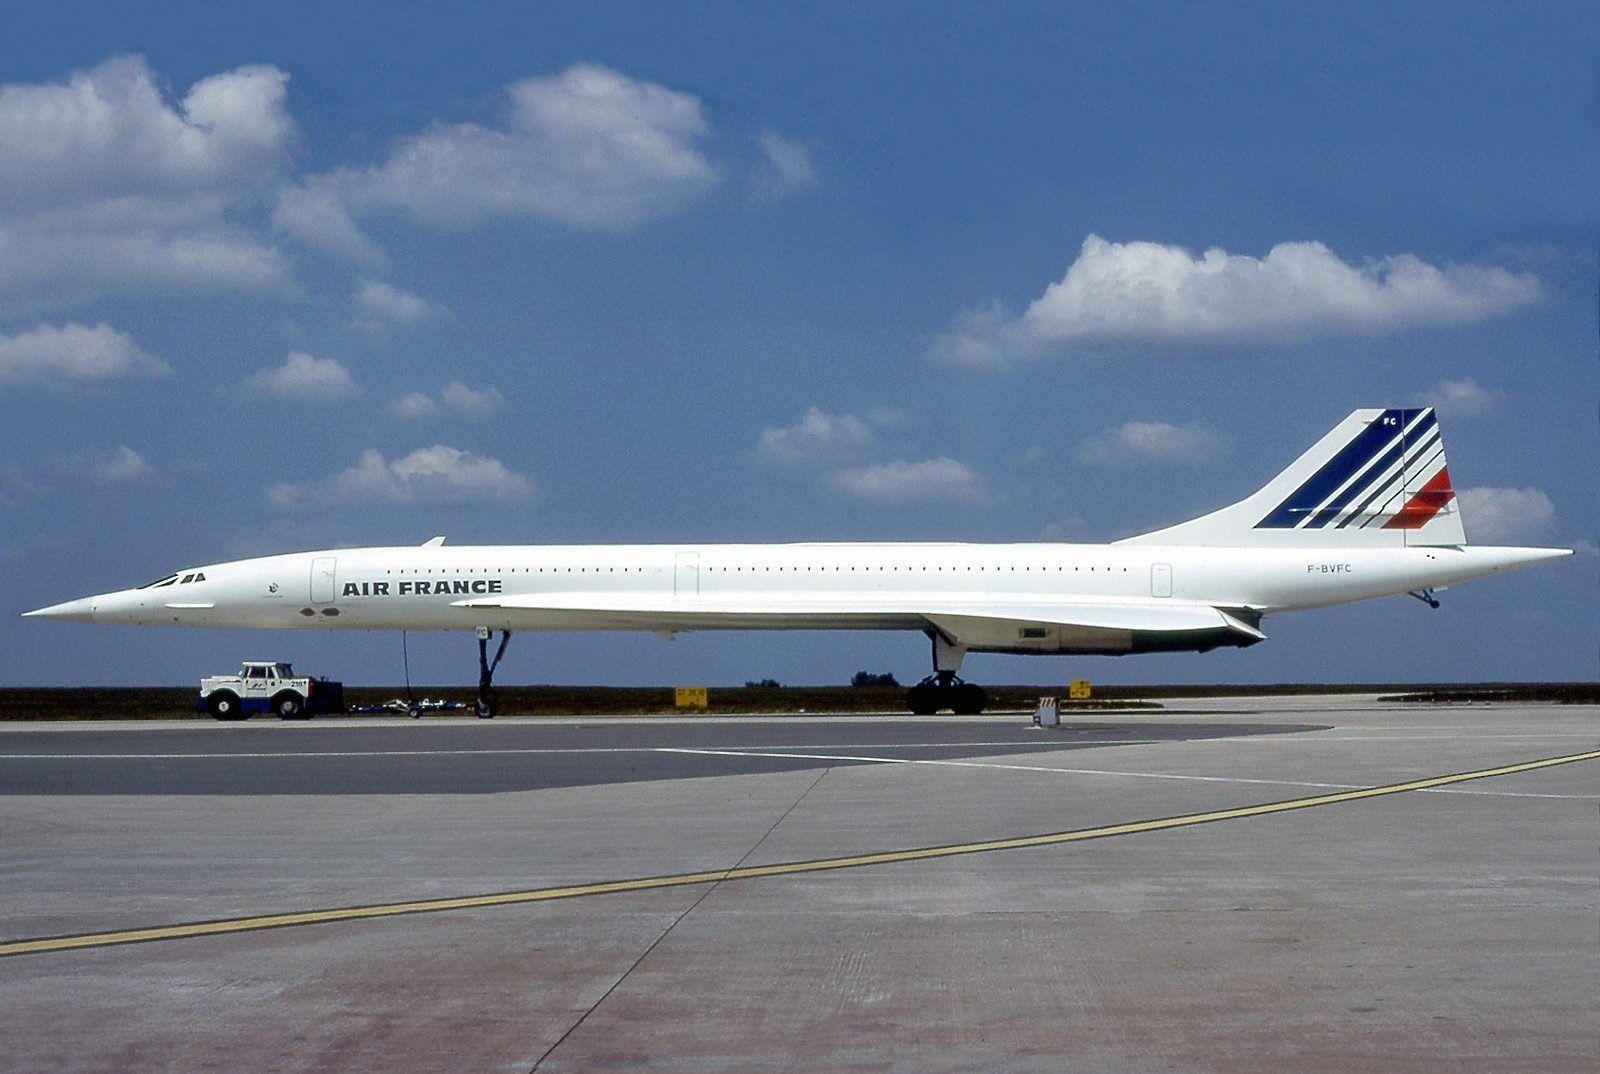 ปักพินโดย NzTH4647 ใน Airlines